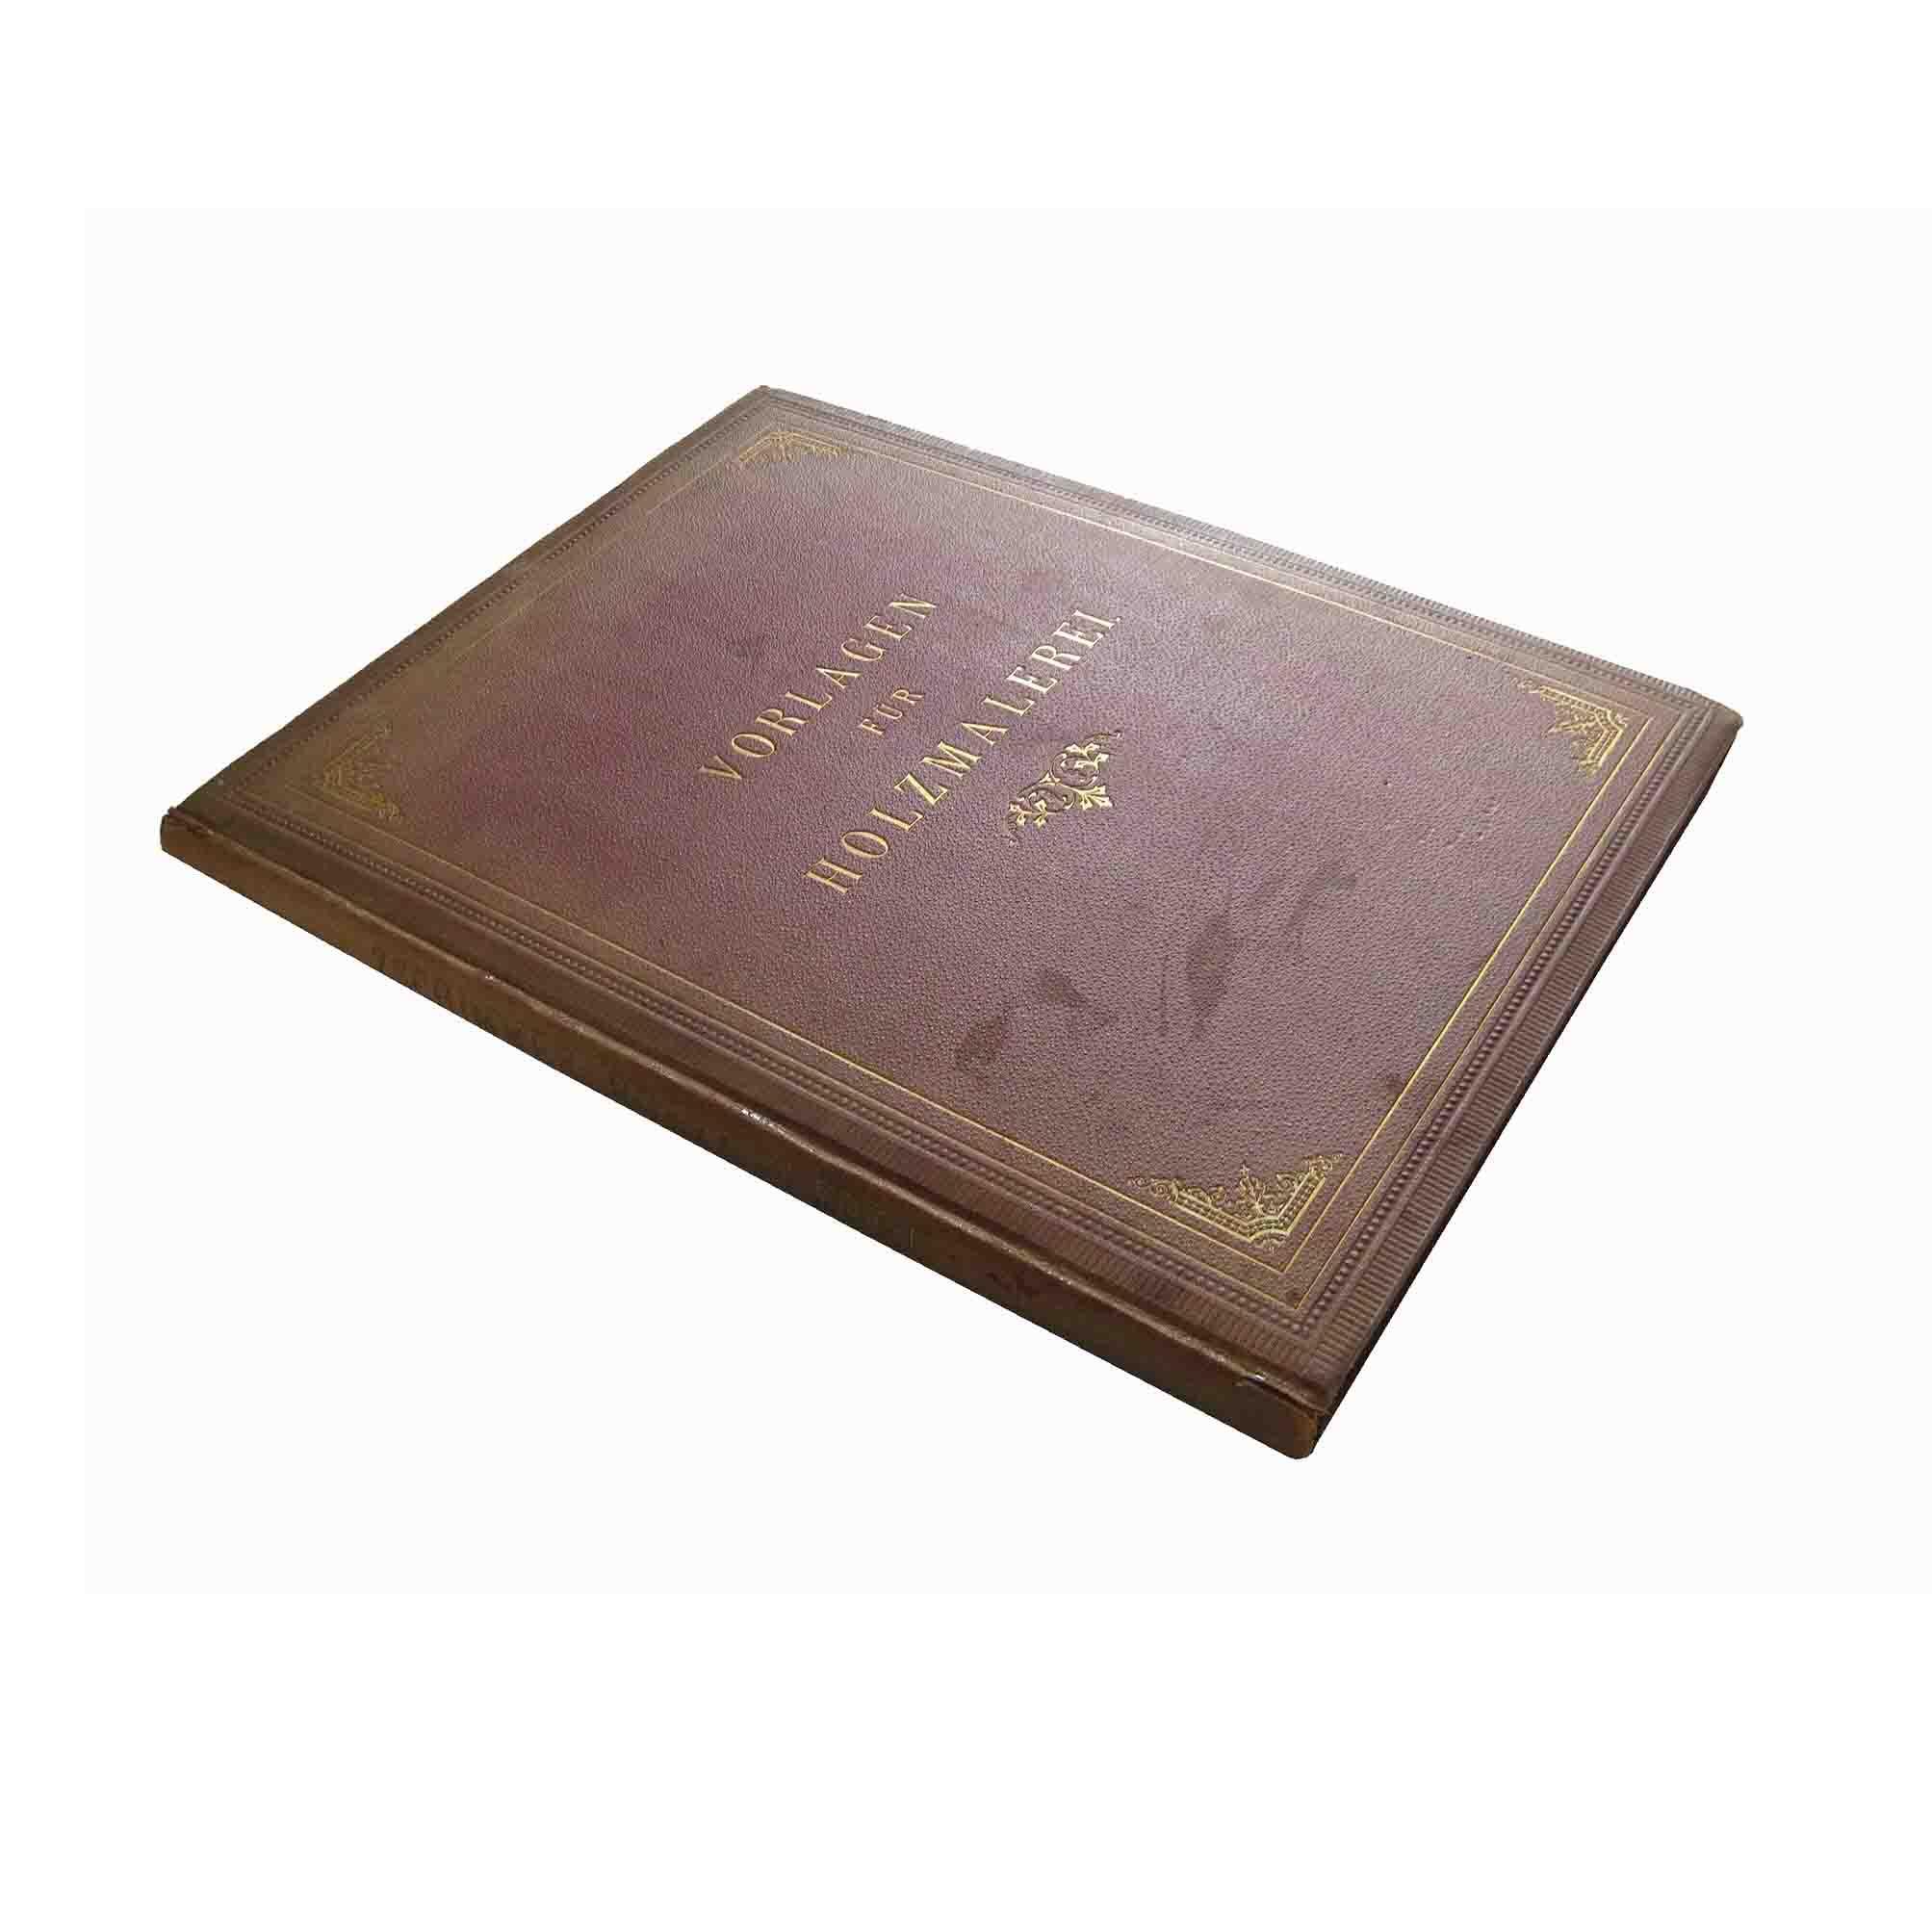 5642 Zschimmer Holzmalerei 1876 Einband 1 frei N